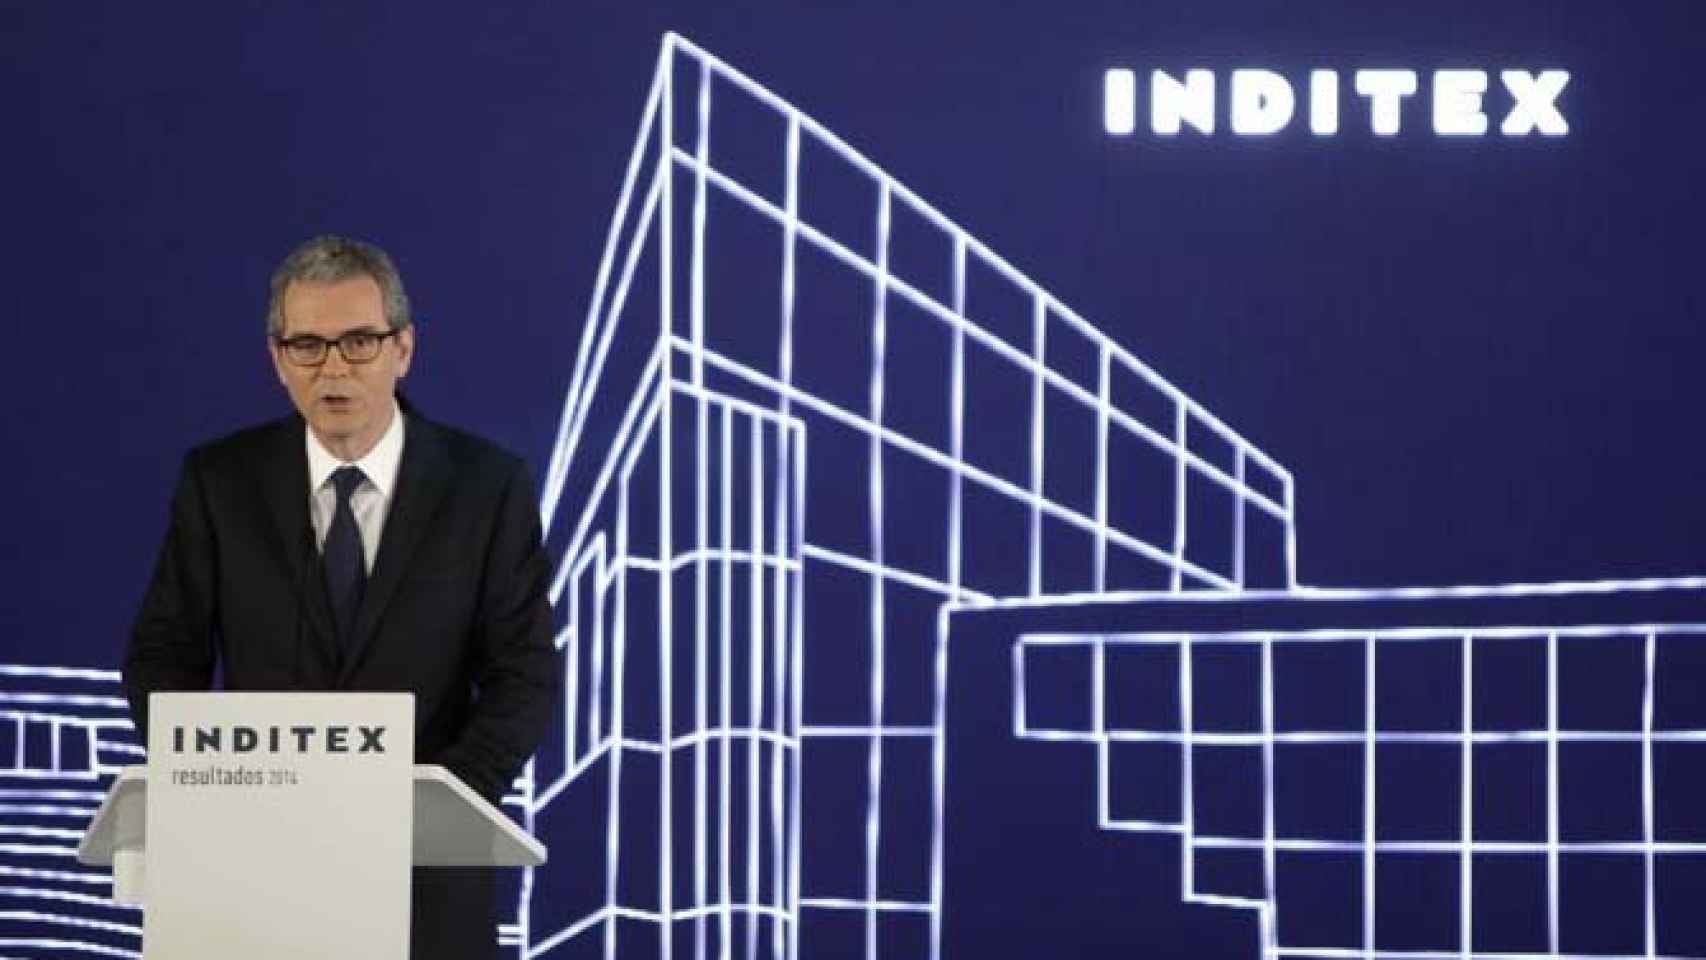 El presidente de Inditex, Pablo Isla, en una imagen de archivo.